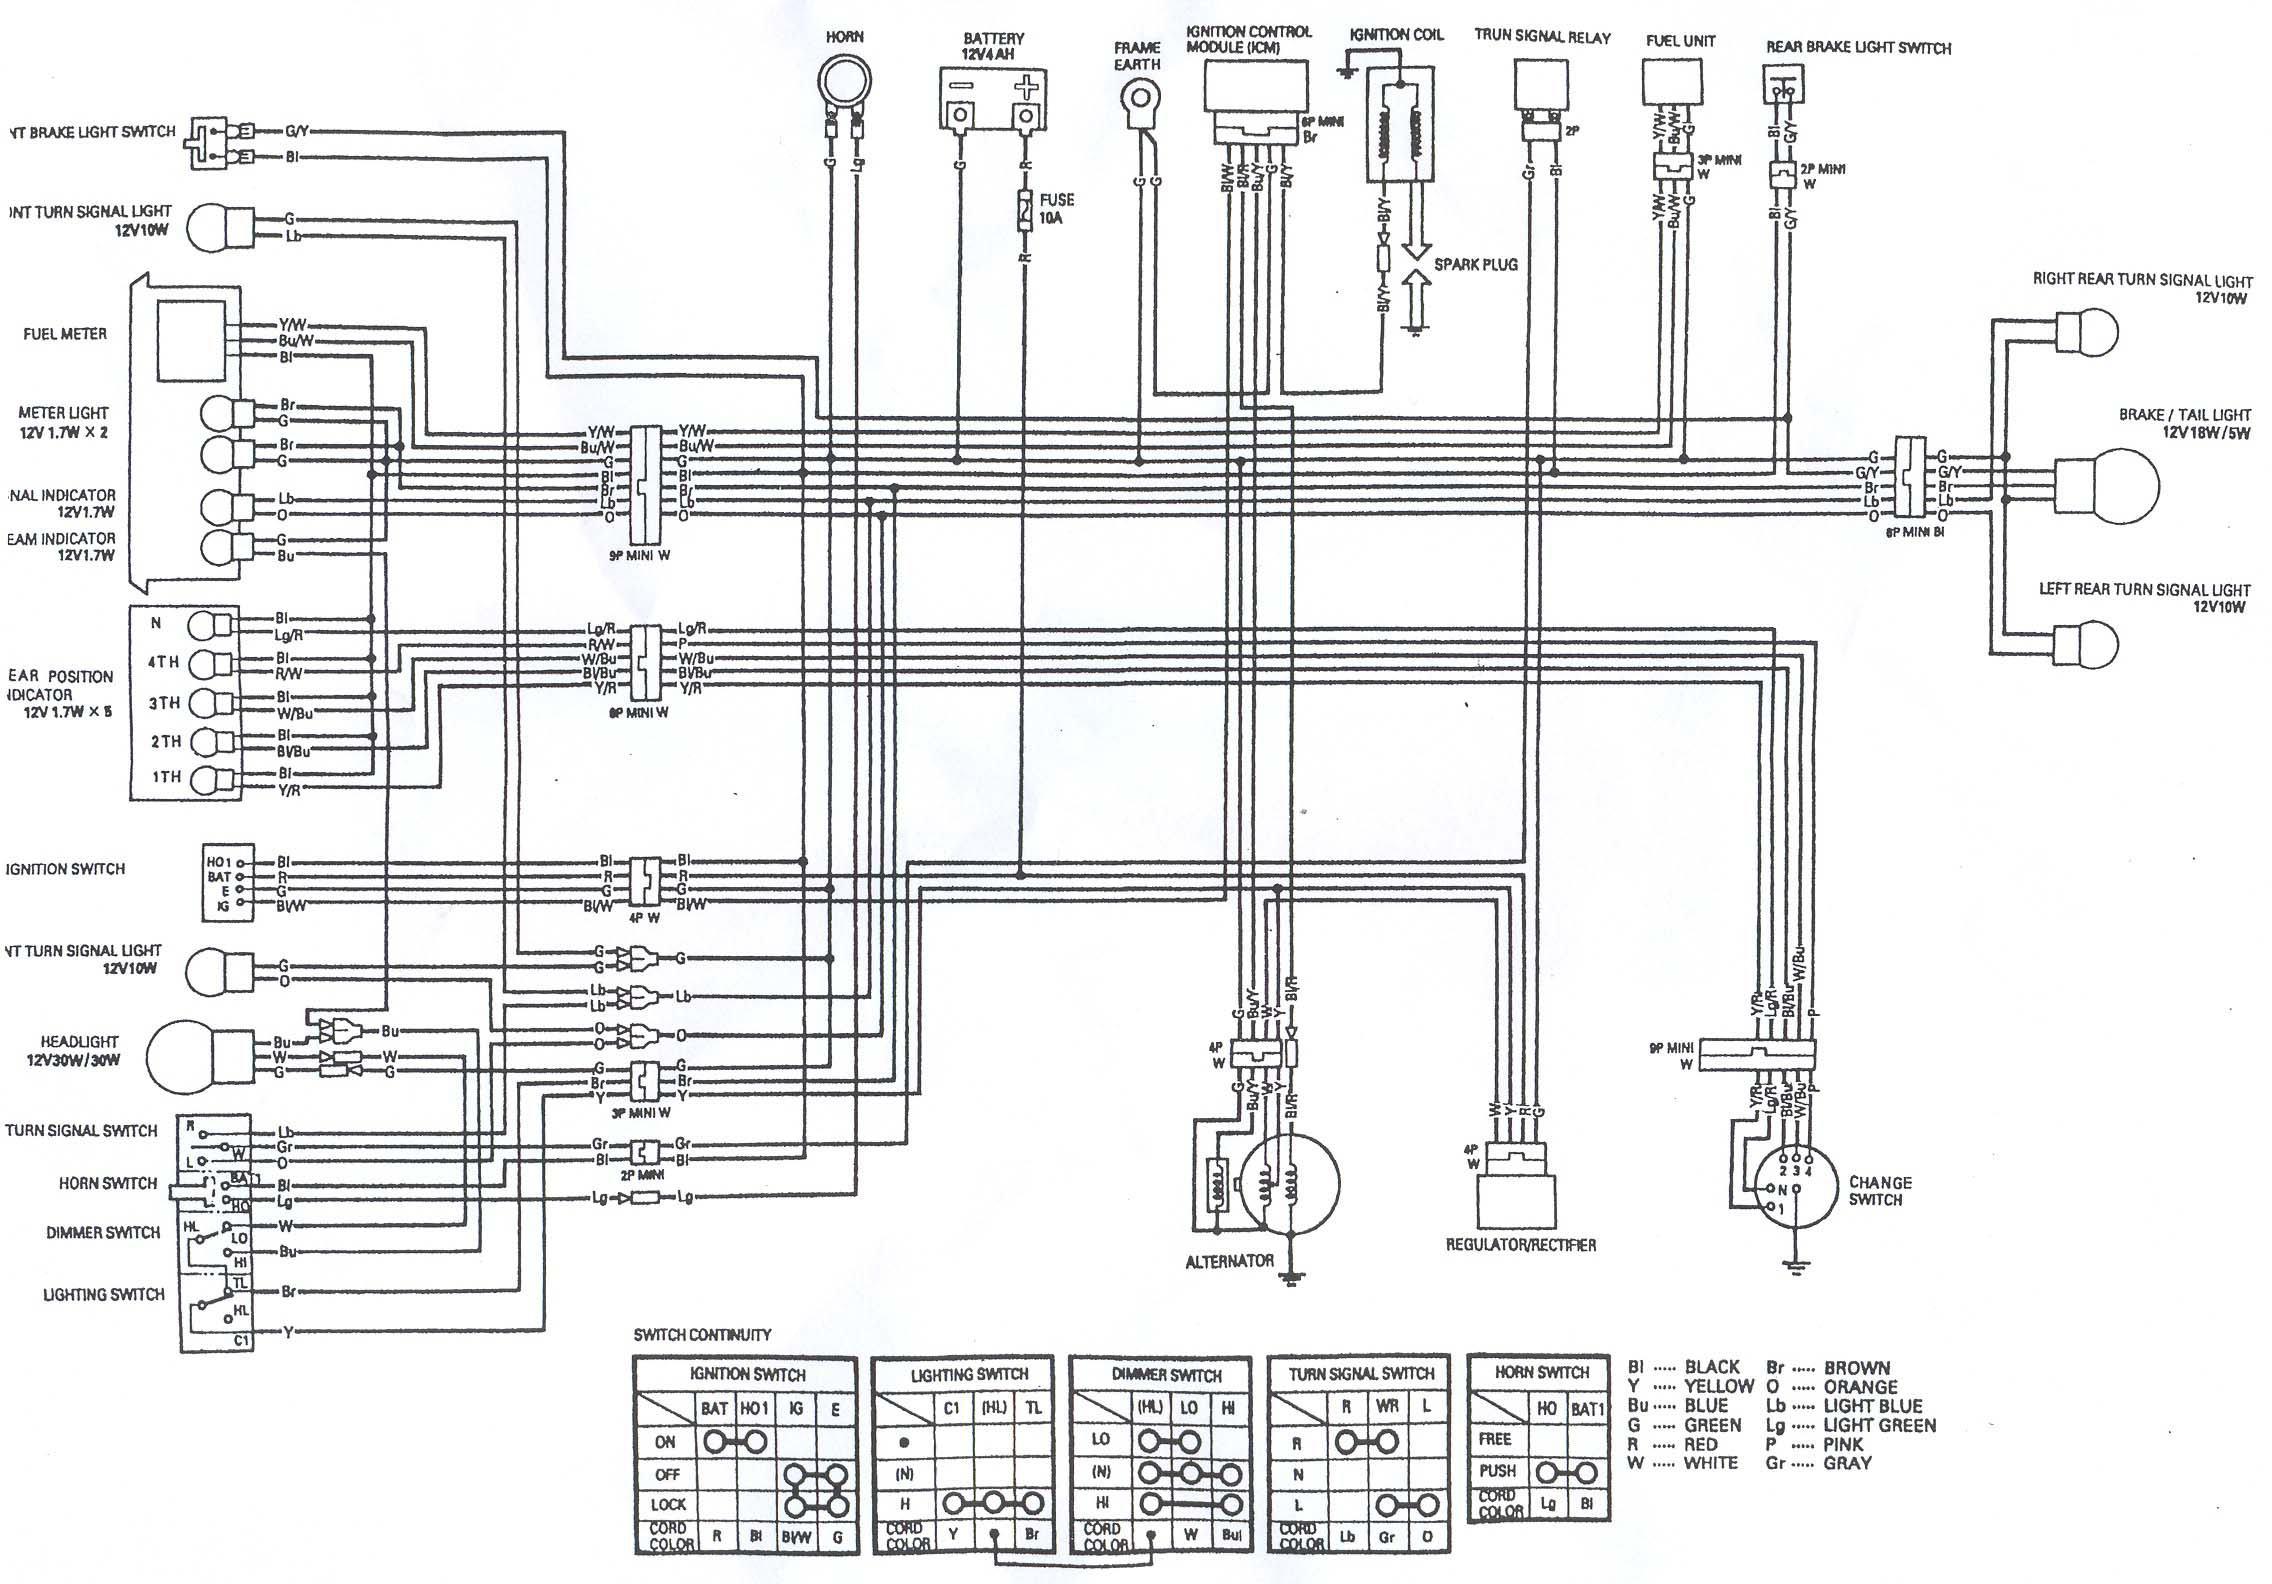 Lincoln Welder Ranger 8 Onan Generator Fuel Gauge Wiring Diagrams besides 631946 Switched Power Wire additionally GearmotorParts besides 90045 Elektrische Fensterheber Bitte Um Hilfe moreover Gm Ignition Wiring Diagram. on st wiring diagram